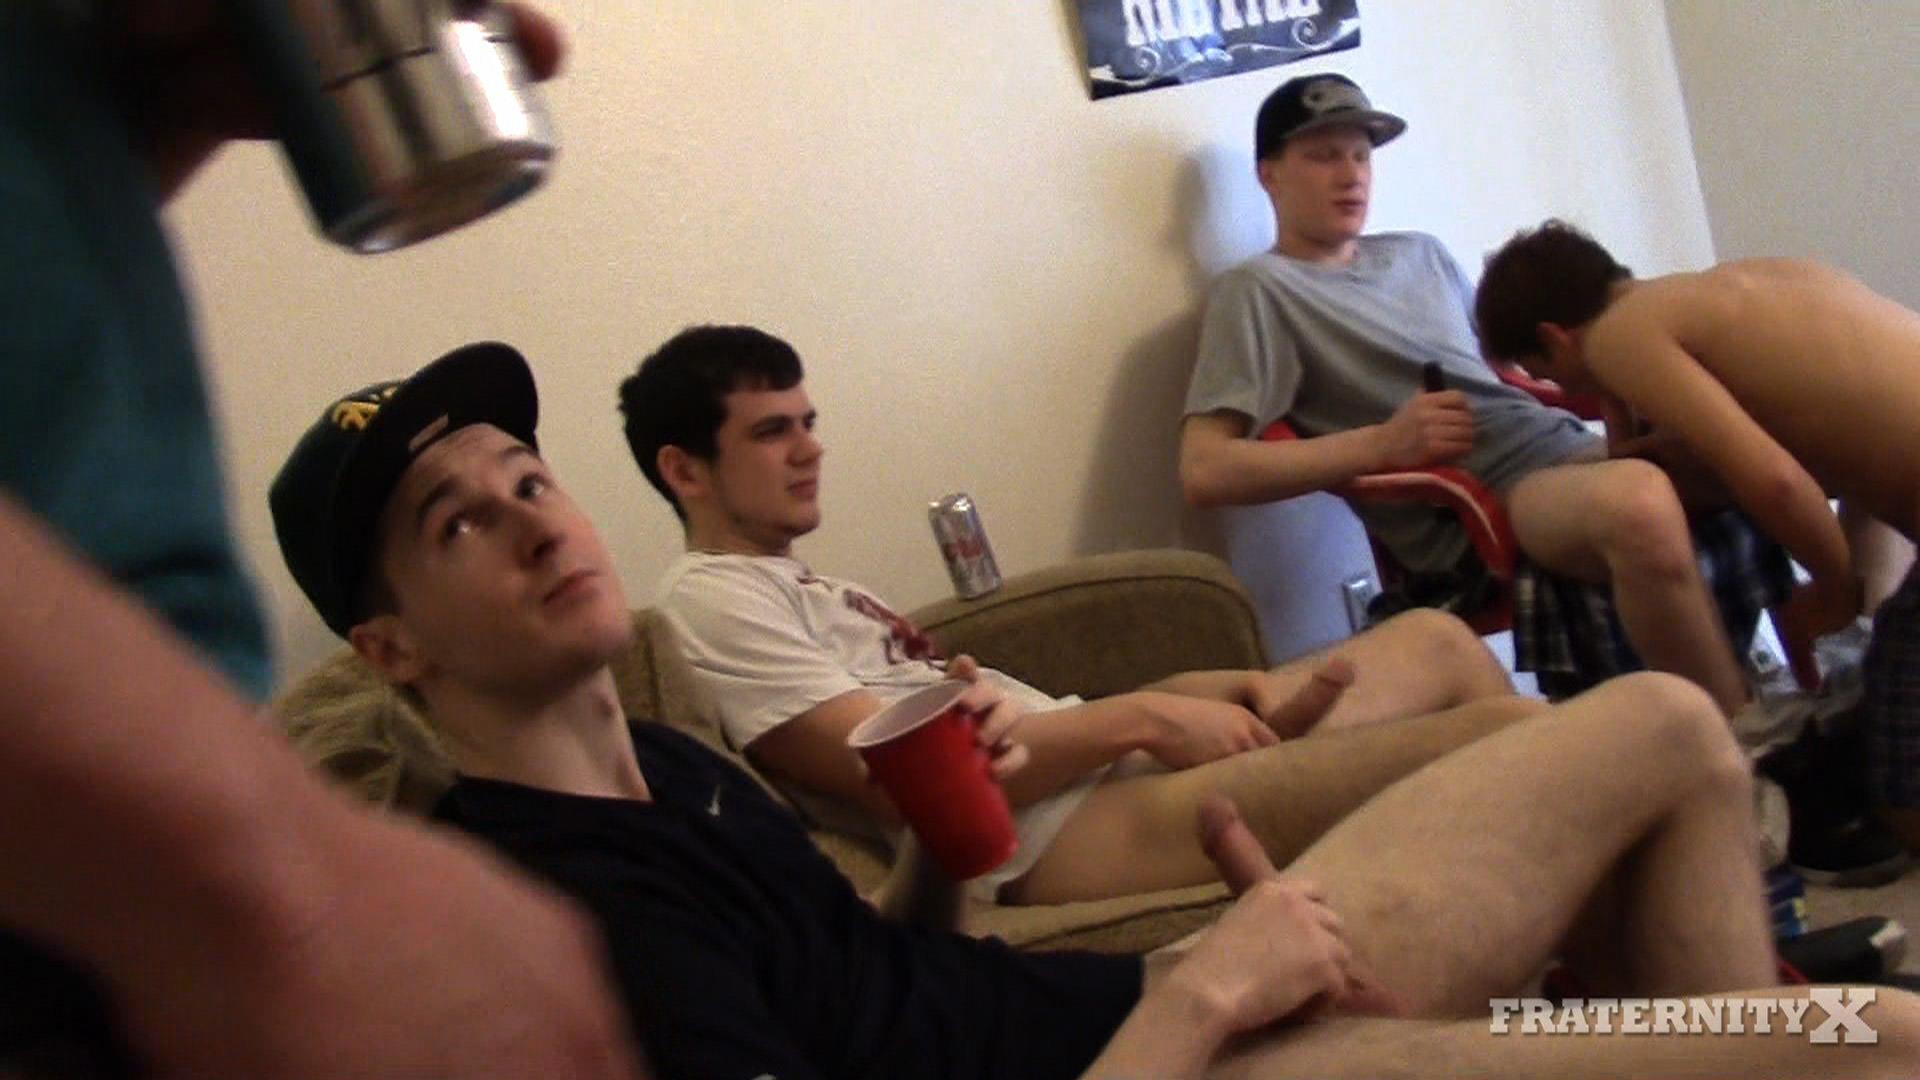 Fraternity-X-Frat-Guys-Barebacking-A-Freshman-Ass-Cum-in-Ass-BBBH-torrent-Amateur-Gay-Porn-01.jpg